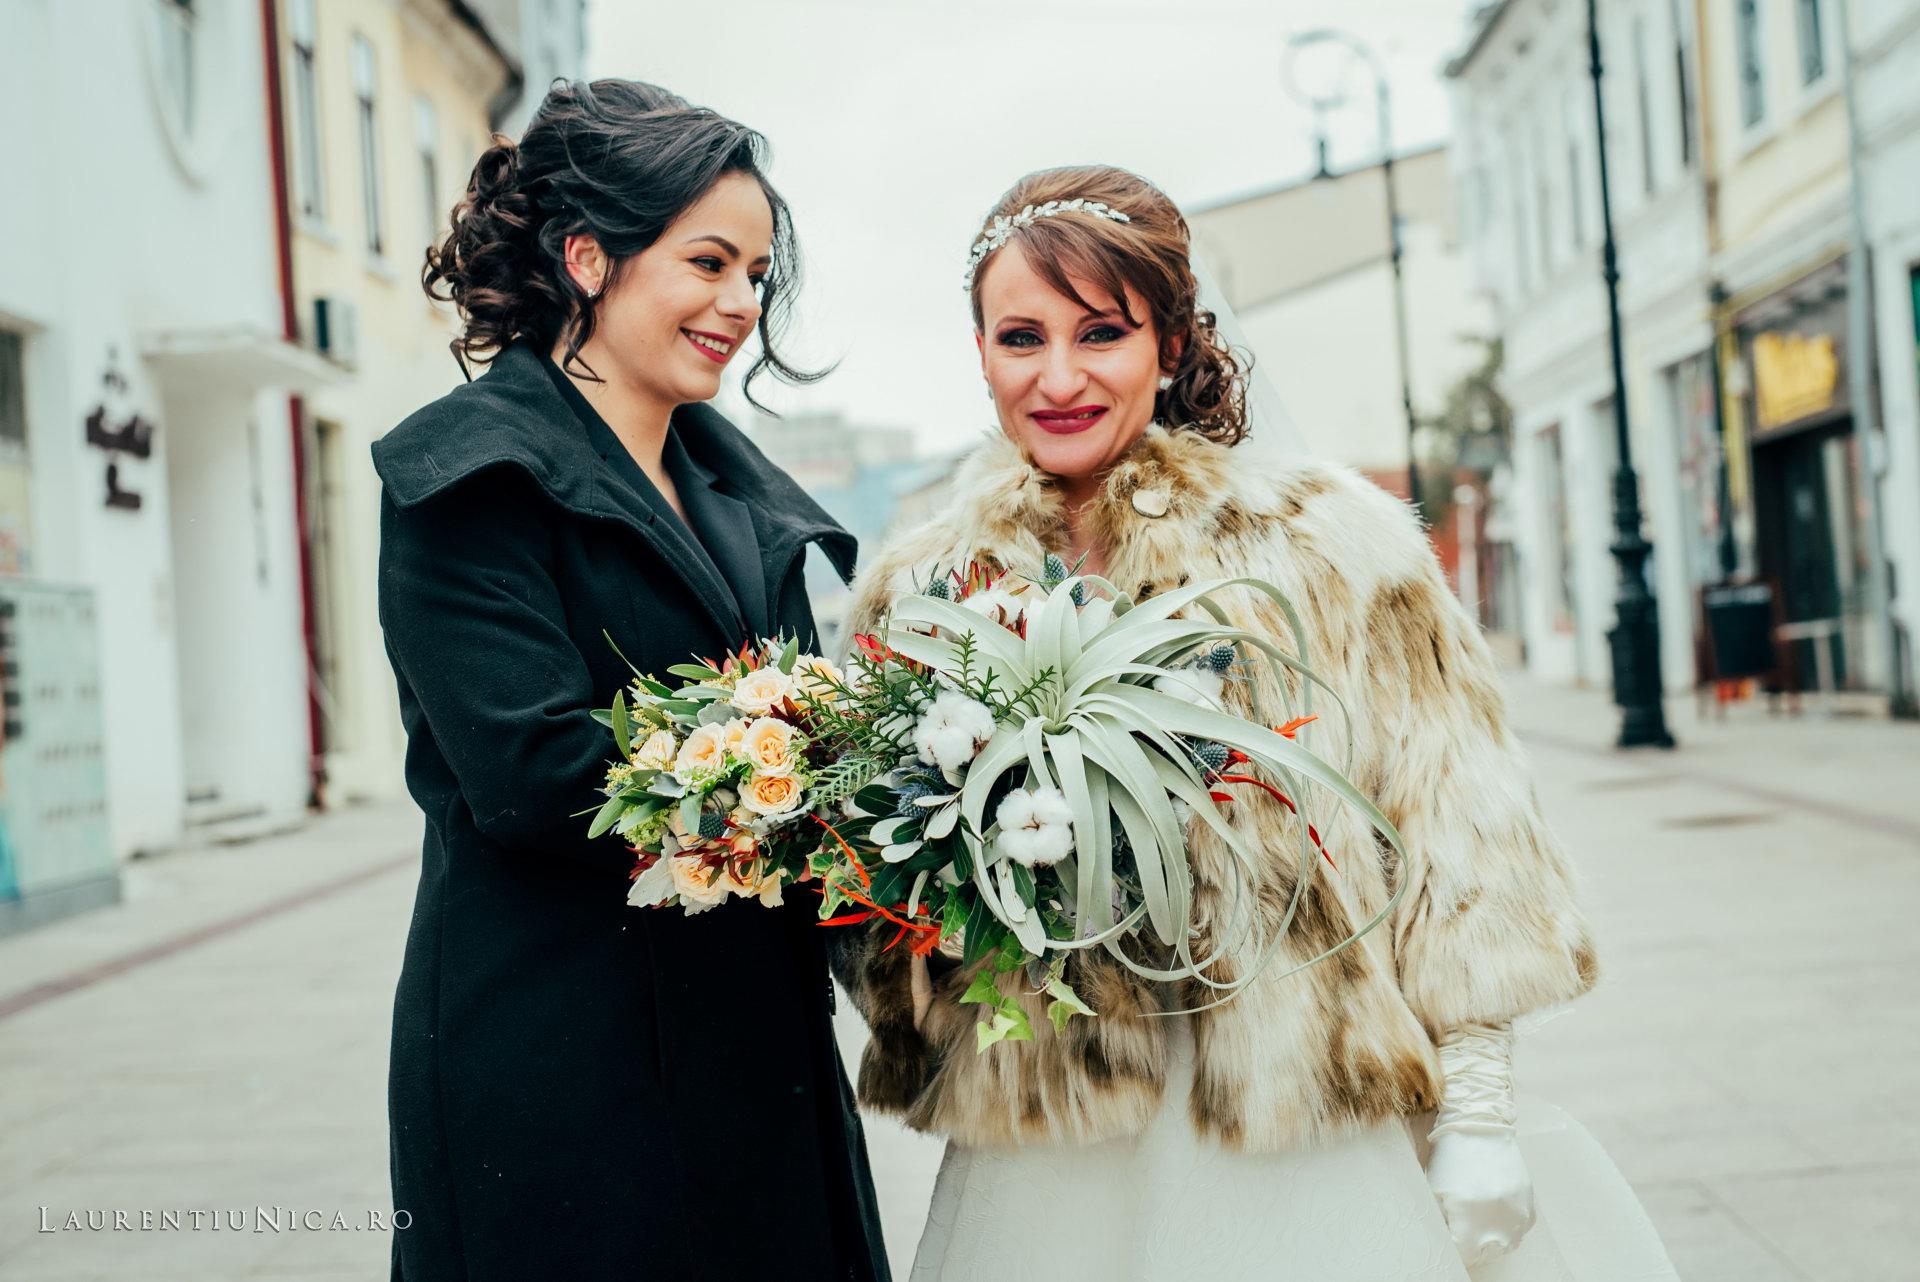 daniela si marius fotografii nunta craiova laurentiu nica36 - Daniela & Marius | Fotografii nunta